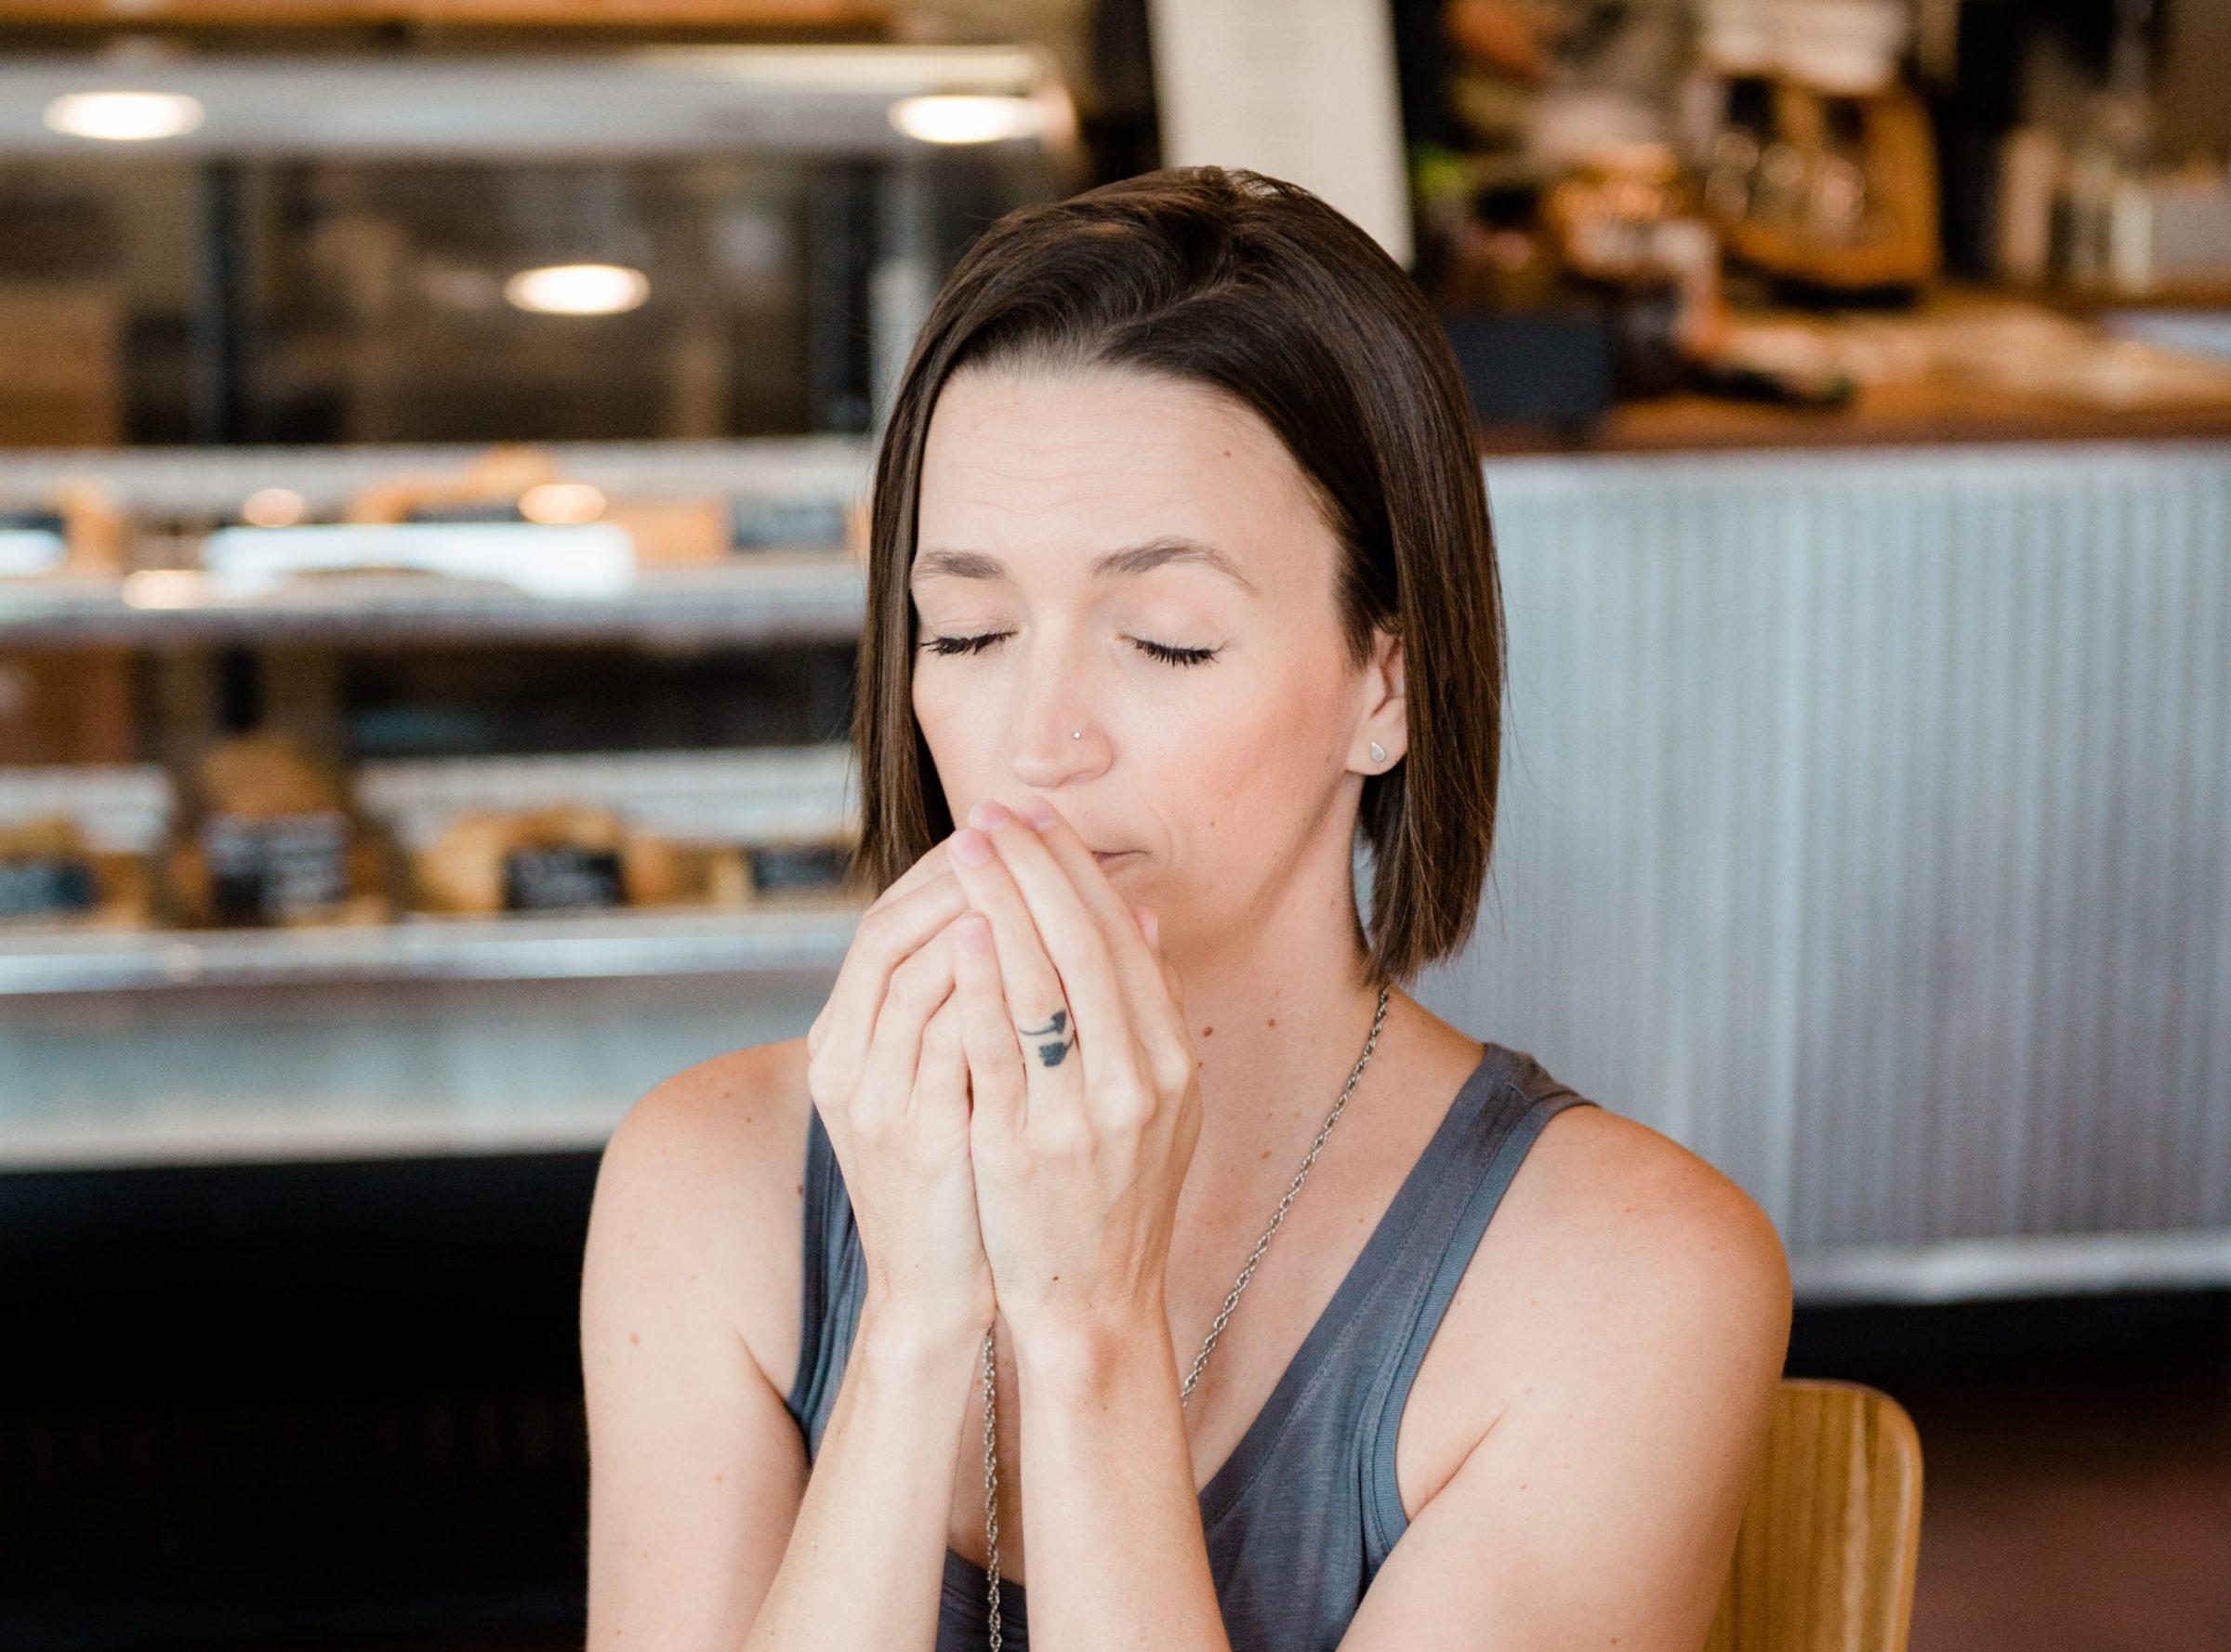 Tara smelling oils on hands